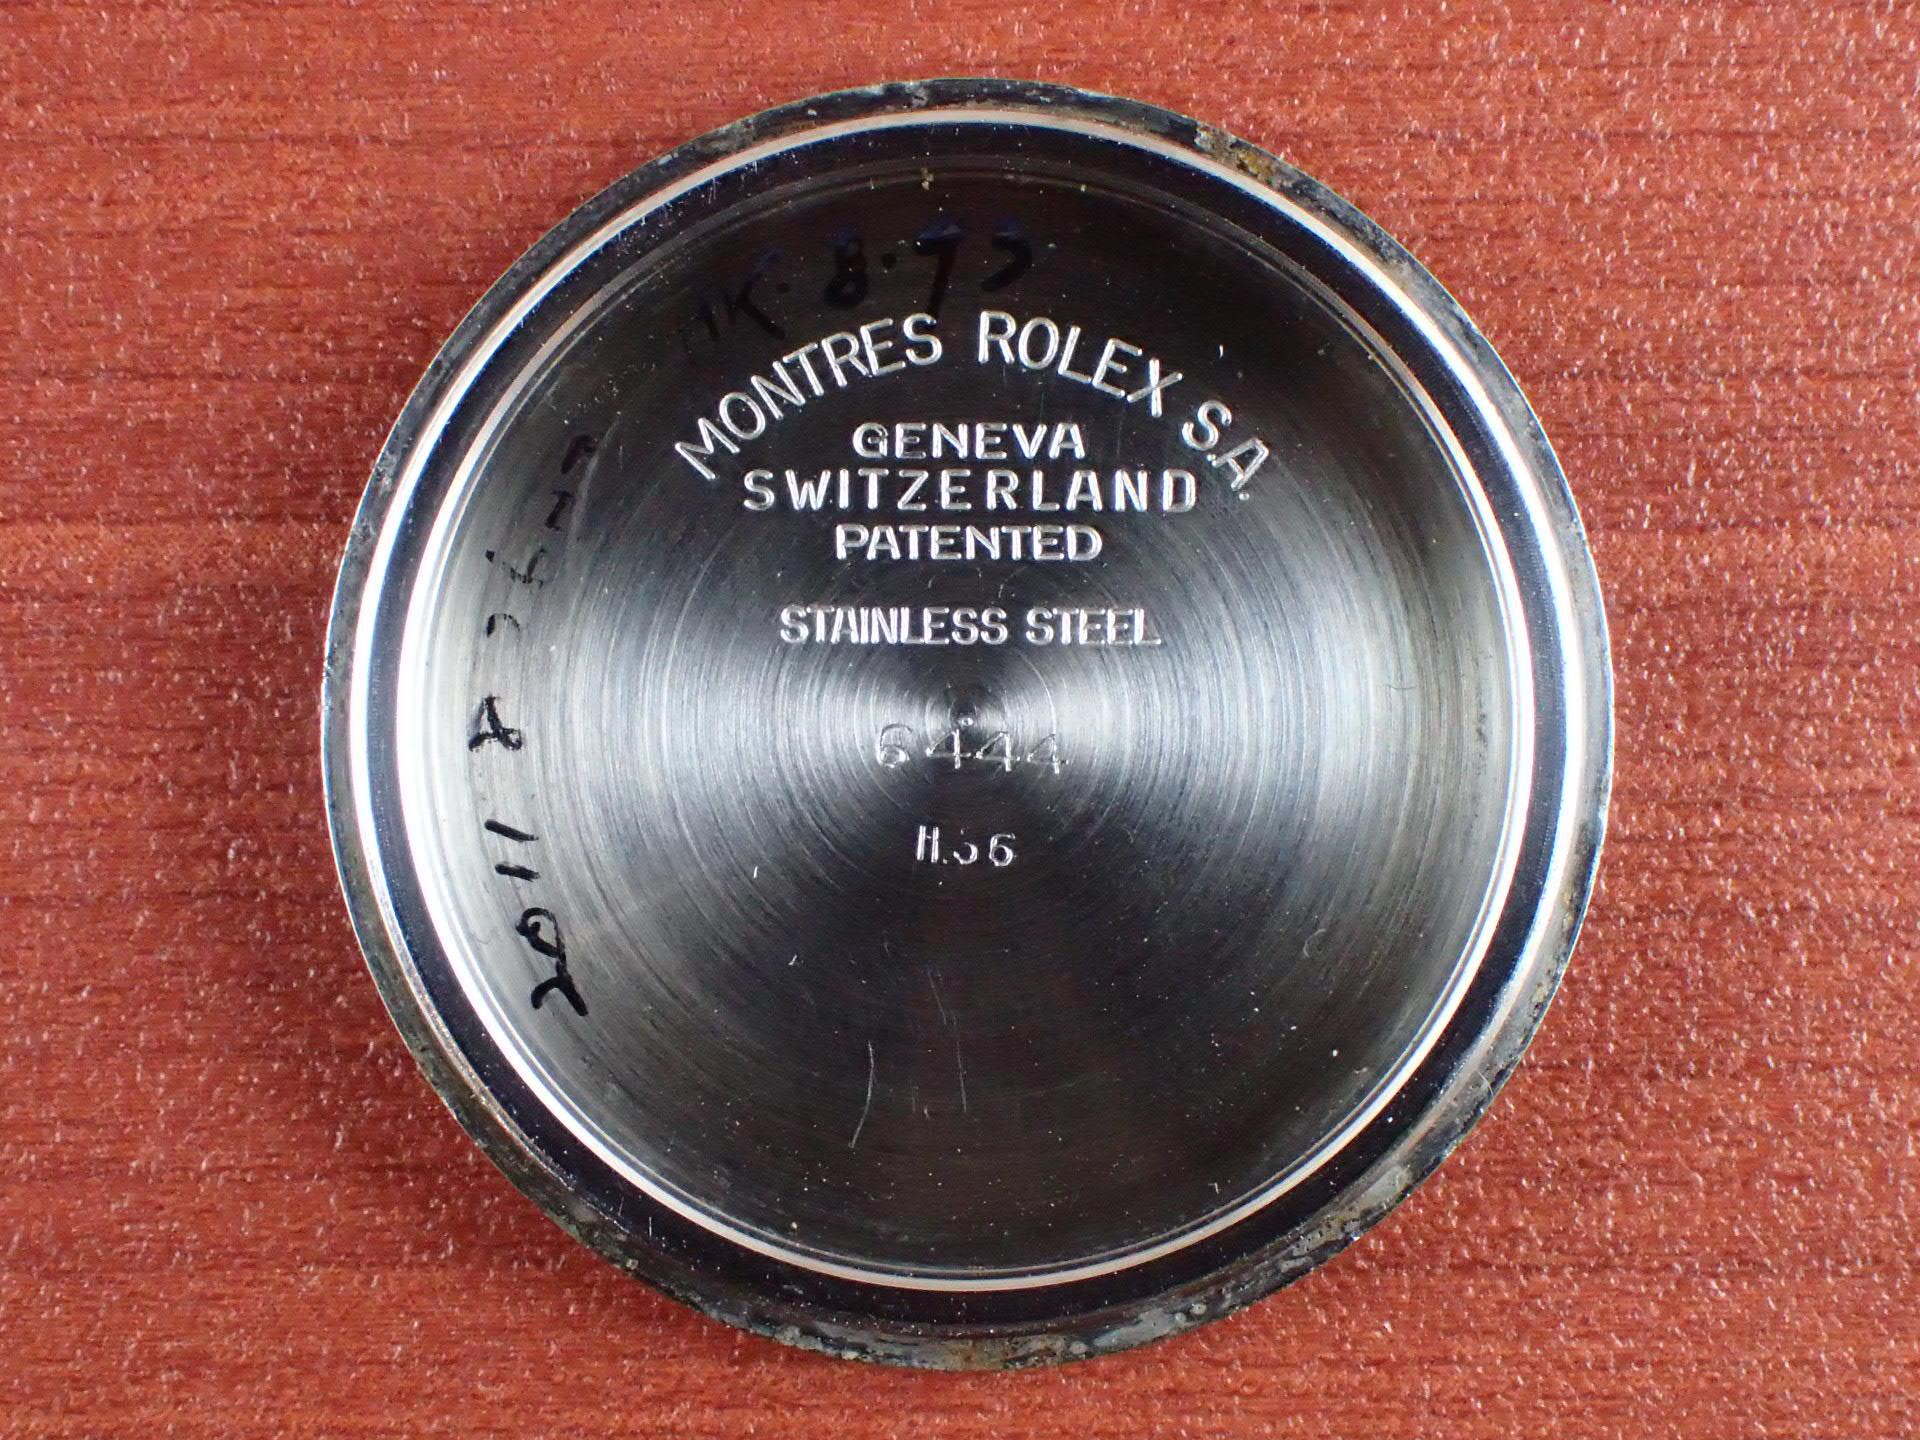 ロレックス オイスターロイヤル Ref.6444 テキスタイルダイアル 1950年代の写真6枚目